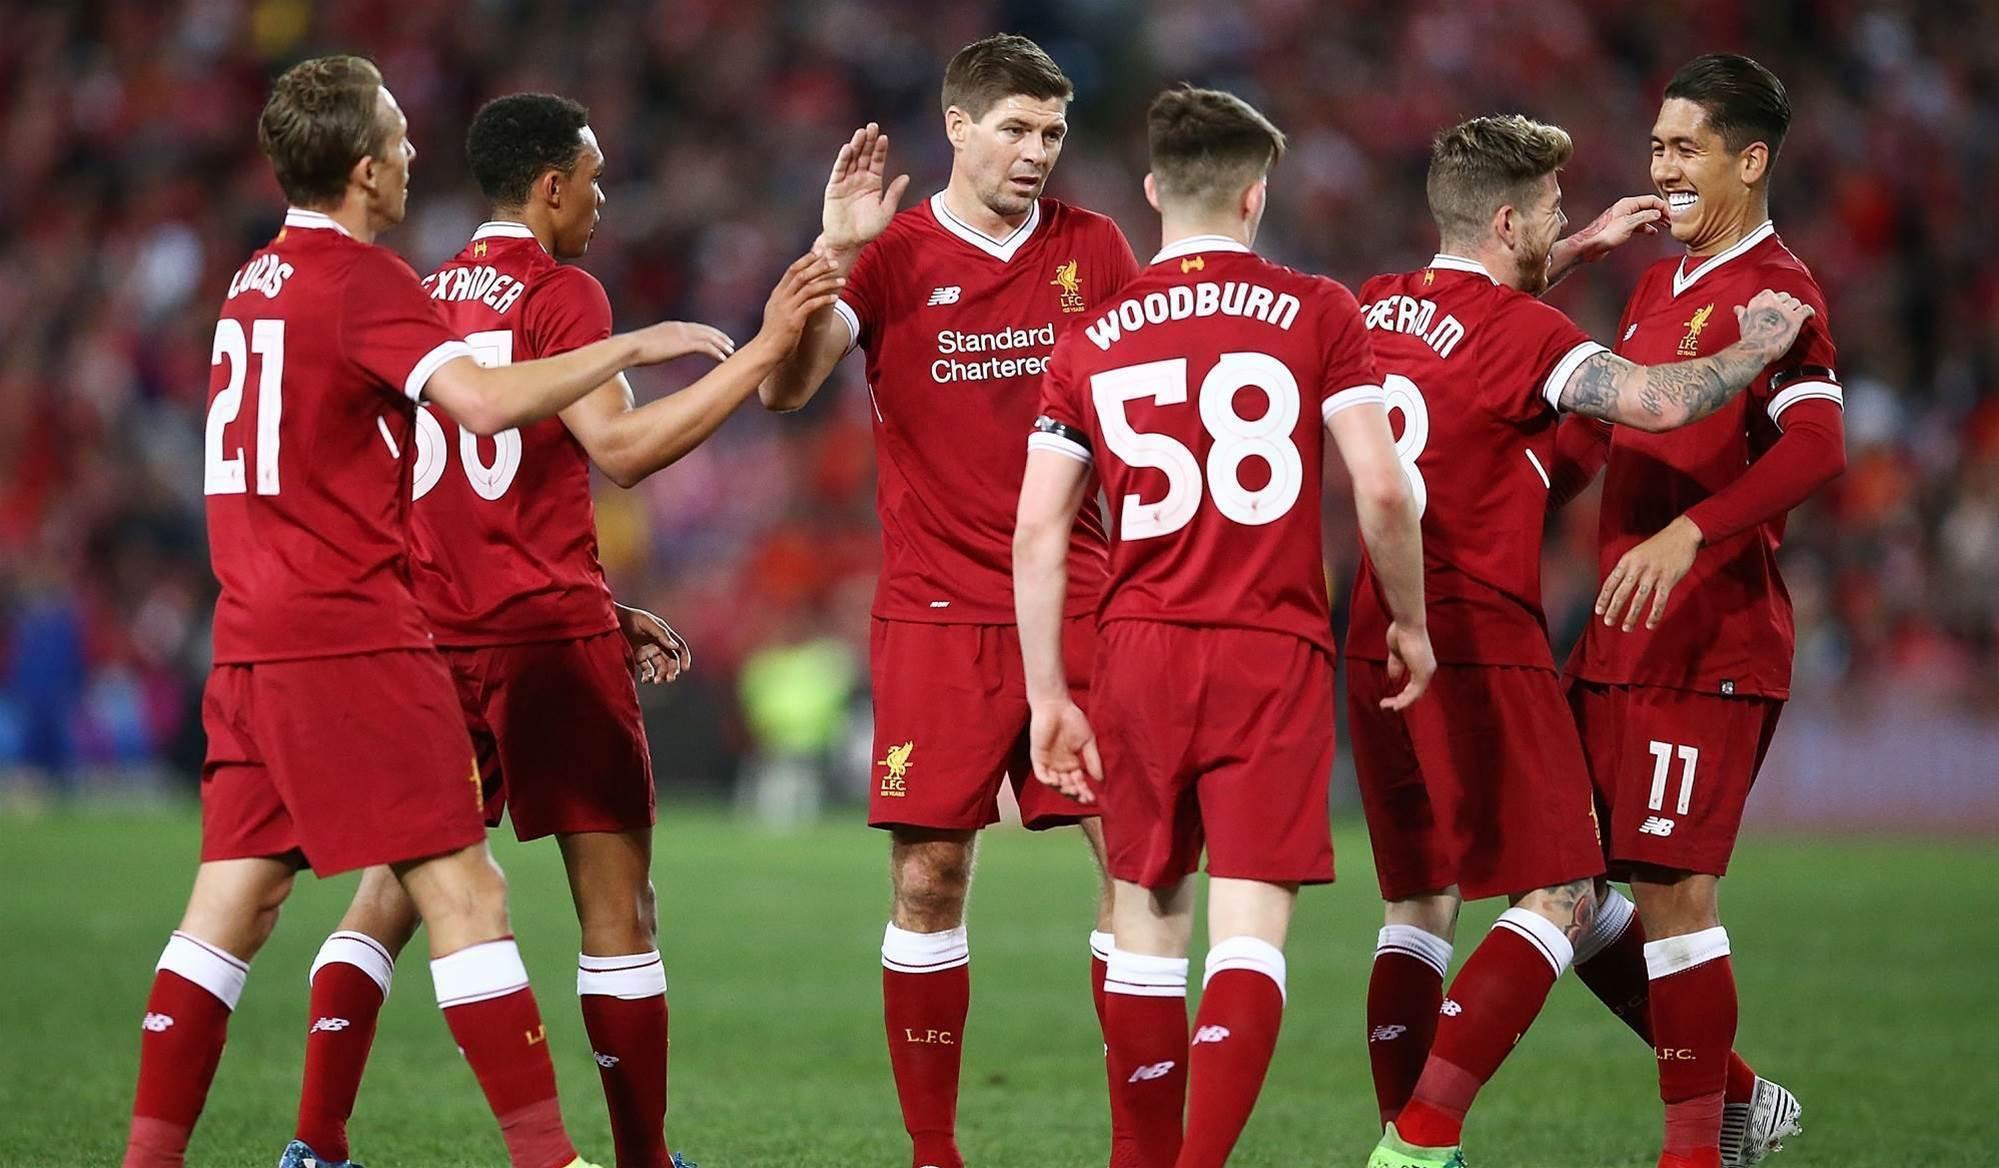 Gerrard inspires Liverpool win over Sydney